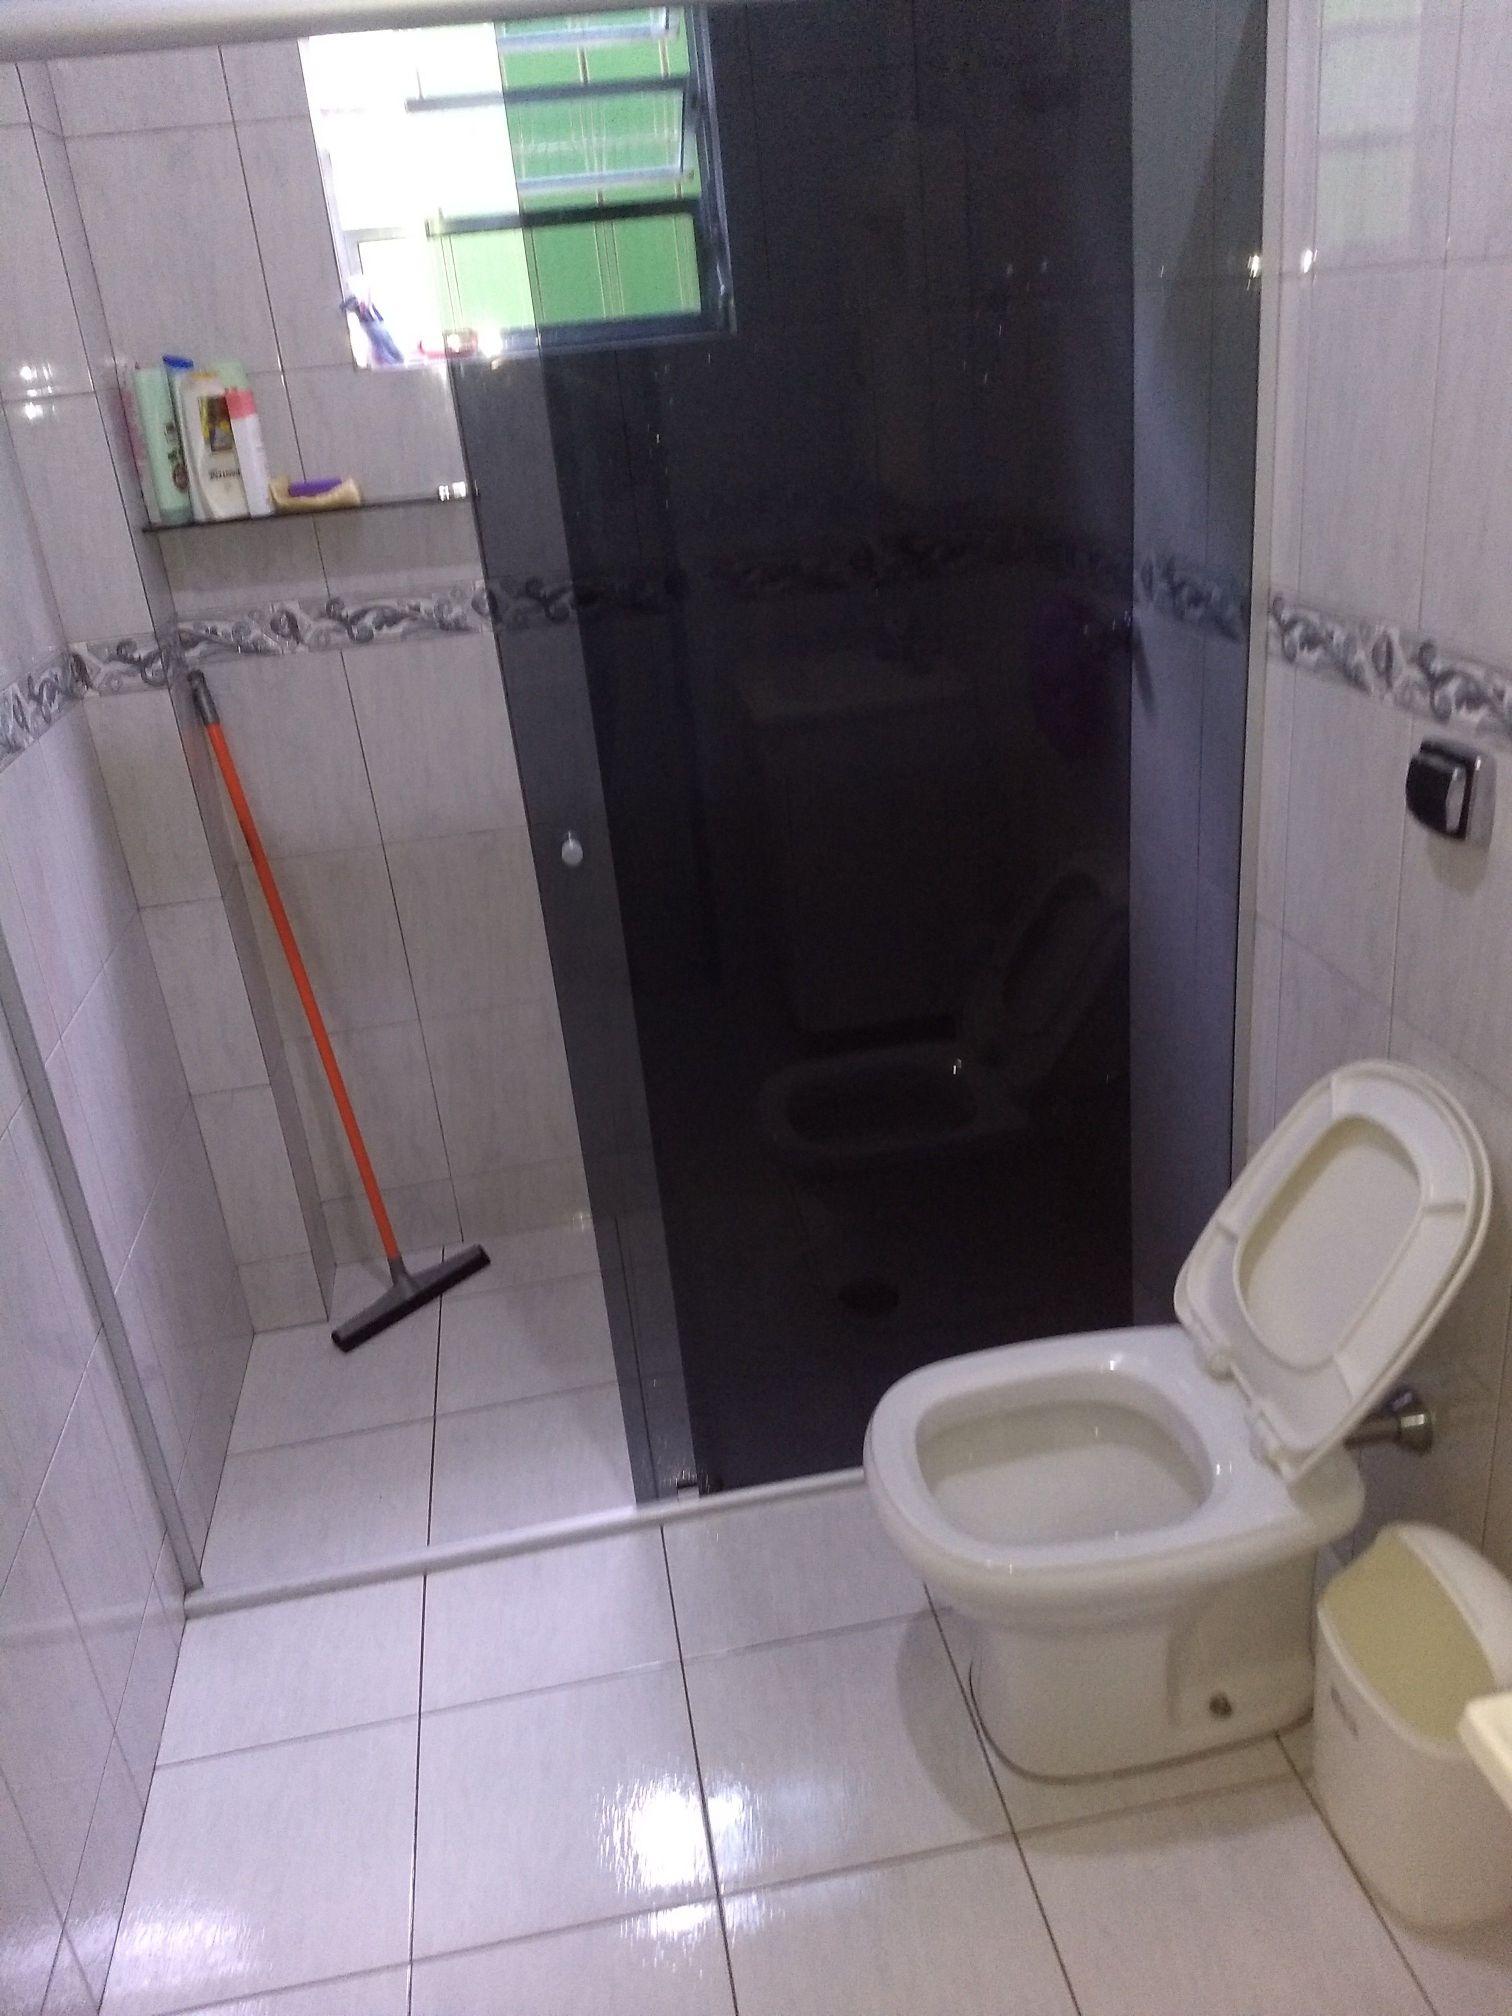 Banheiro limpo 👍🏾